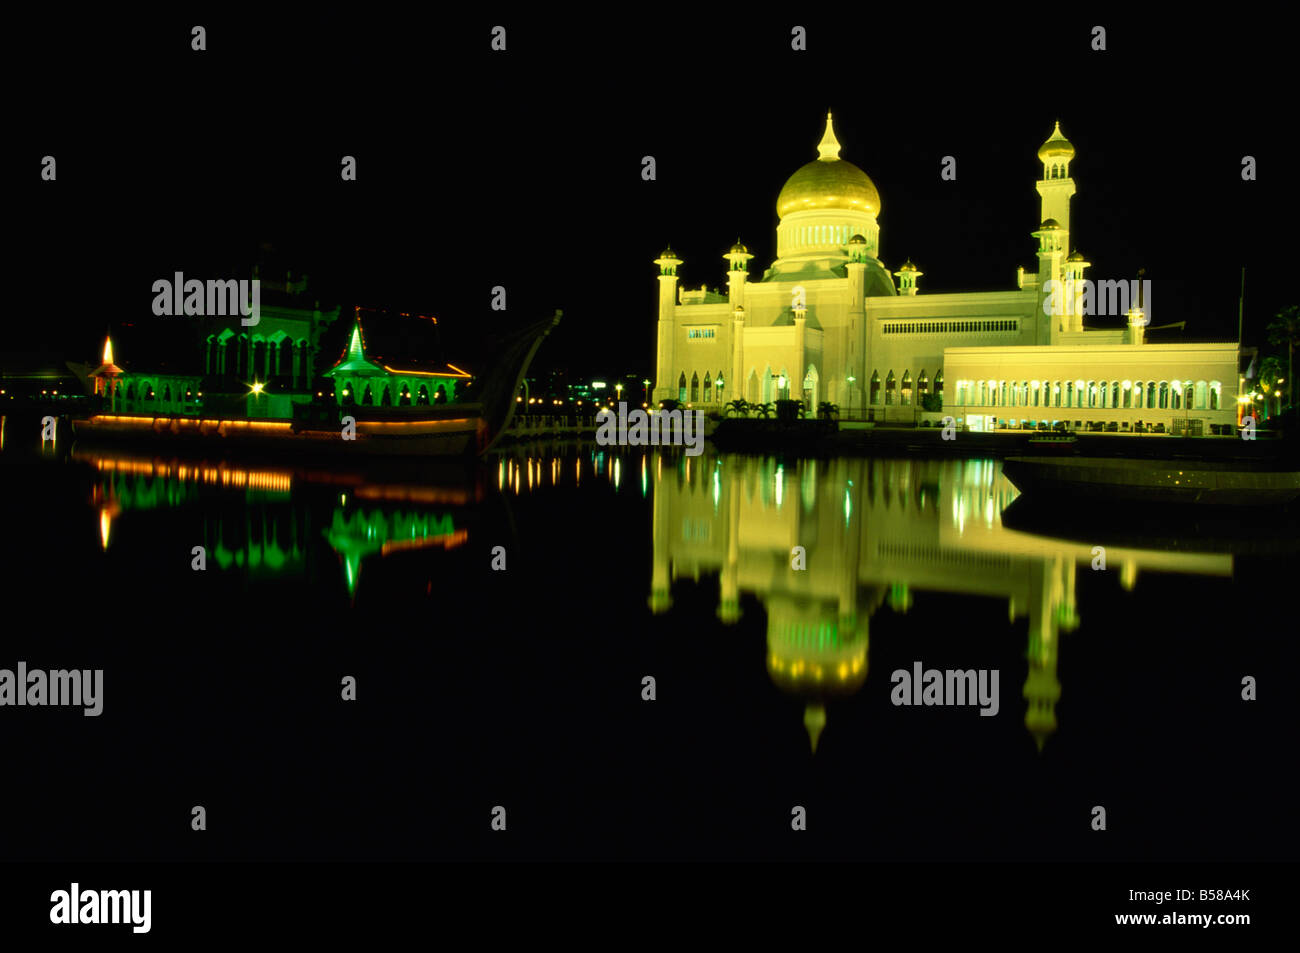 La Omar Ali Saifuddin Moschea costruita nel 1958, Bandar Seri Begawan, Brunei Darussalam, Borneo, sud-est asiatico Immagini Stock